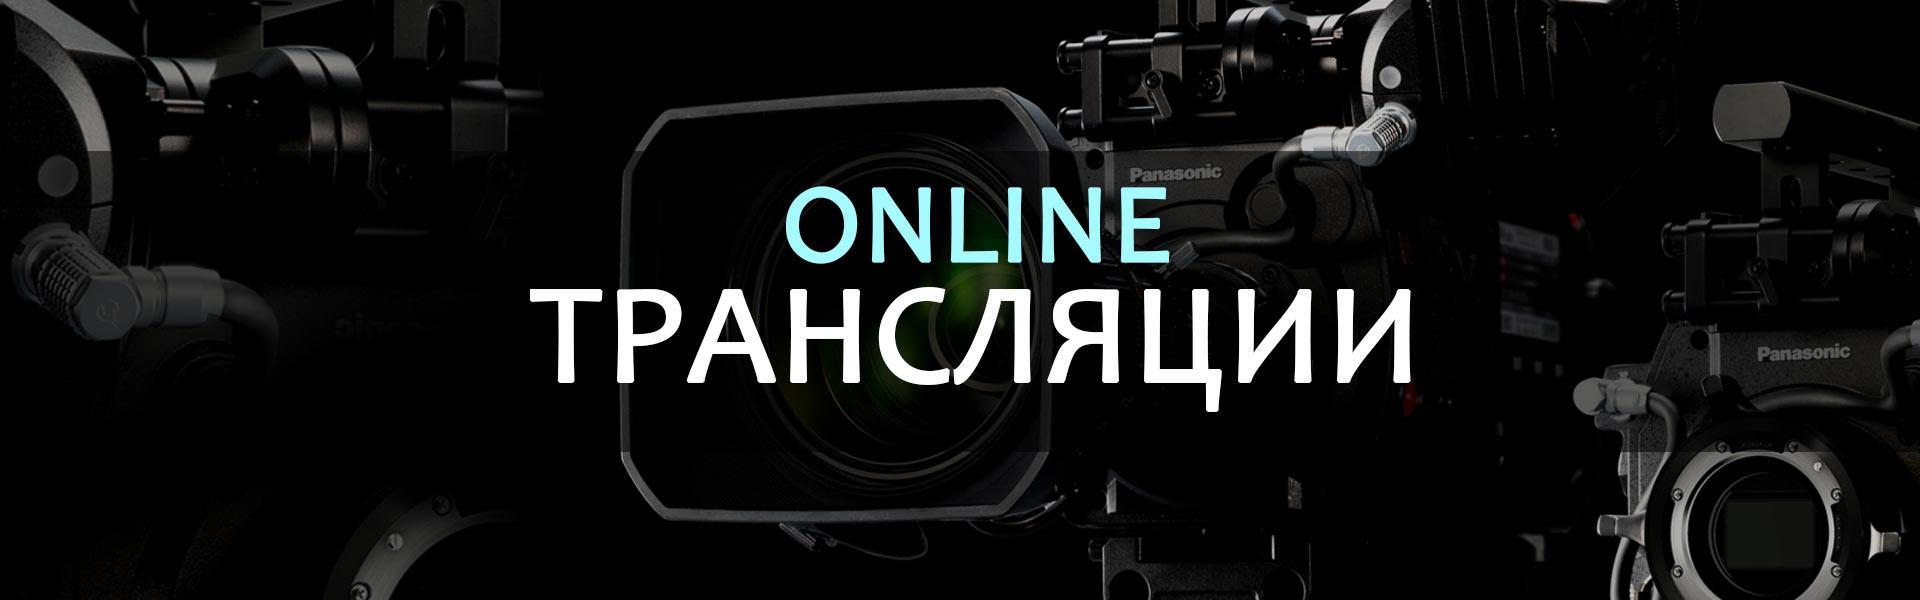 Видеооператор Днепр. Фото видеосъемка. Услуги видеооператора Днепропетровск. Аэросъемка.